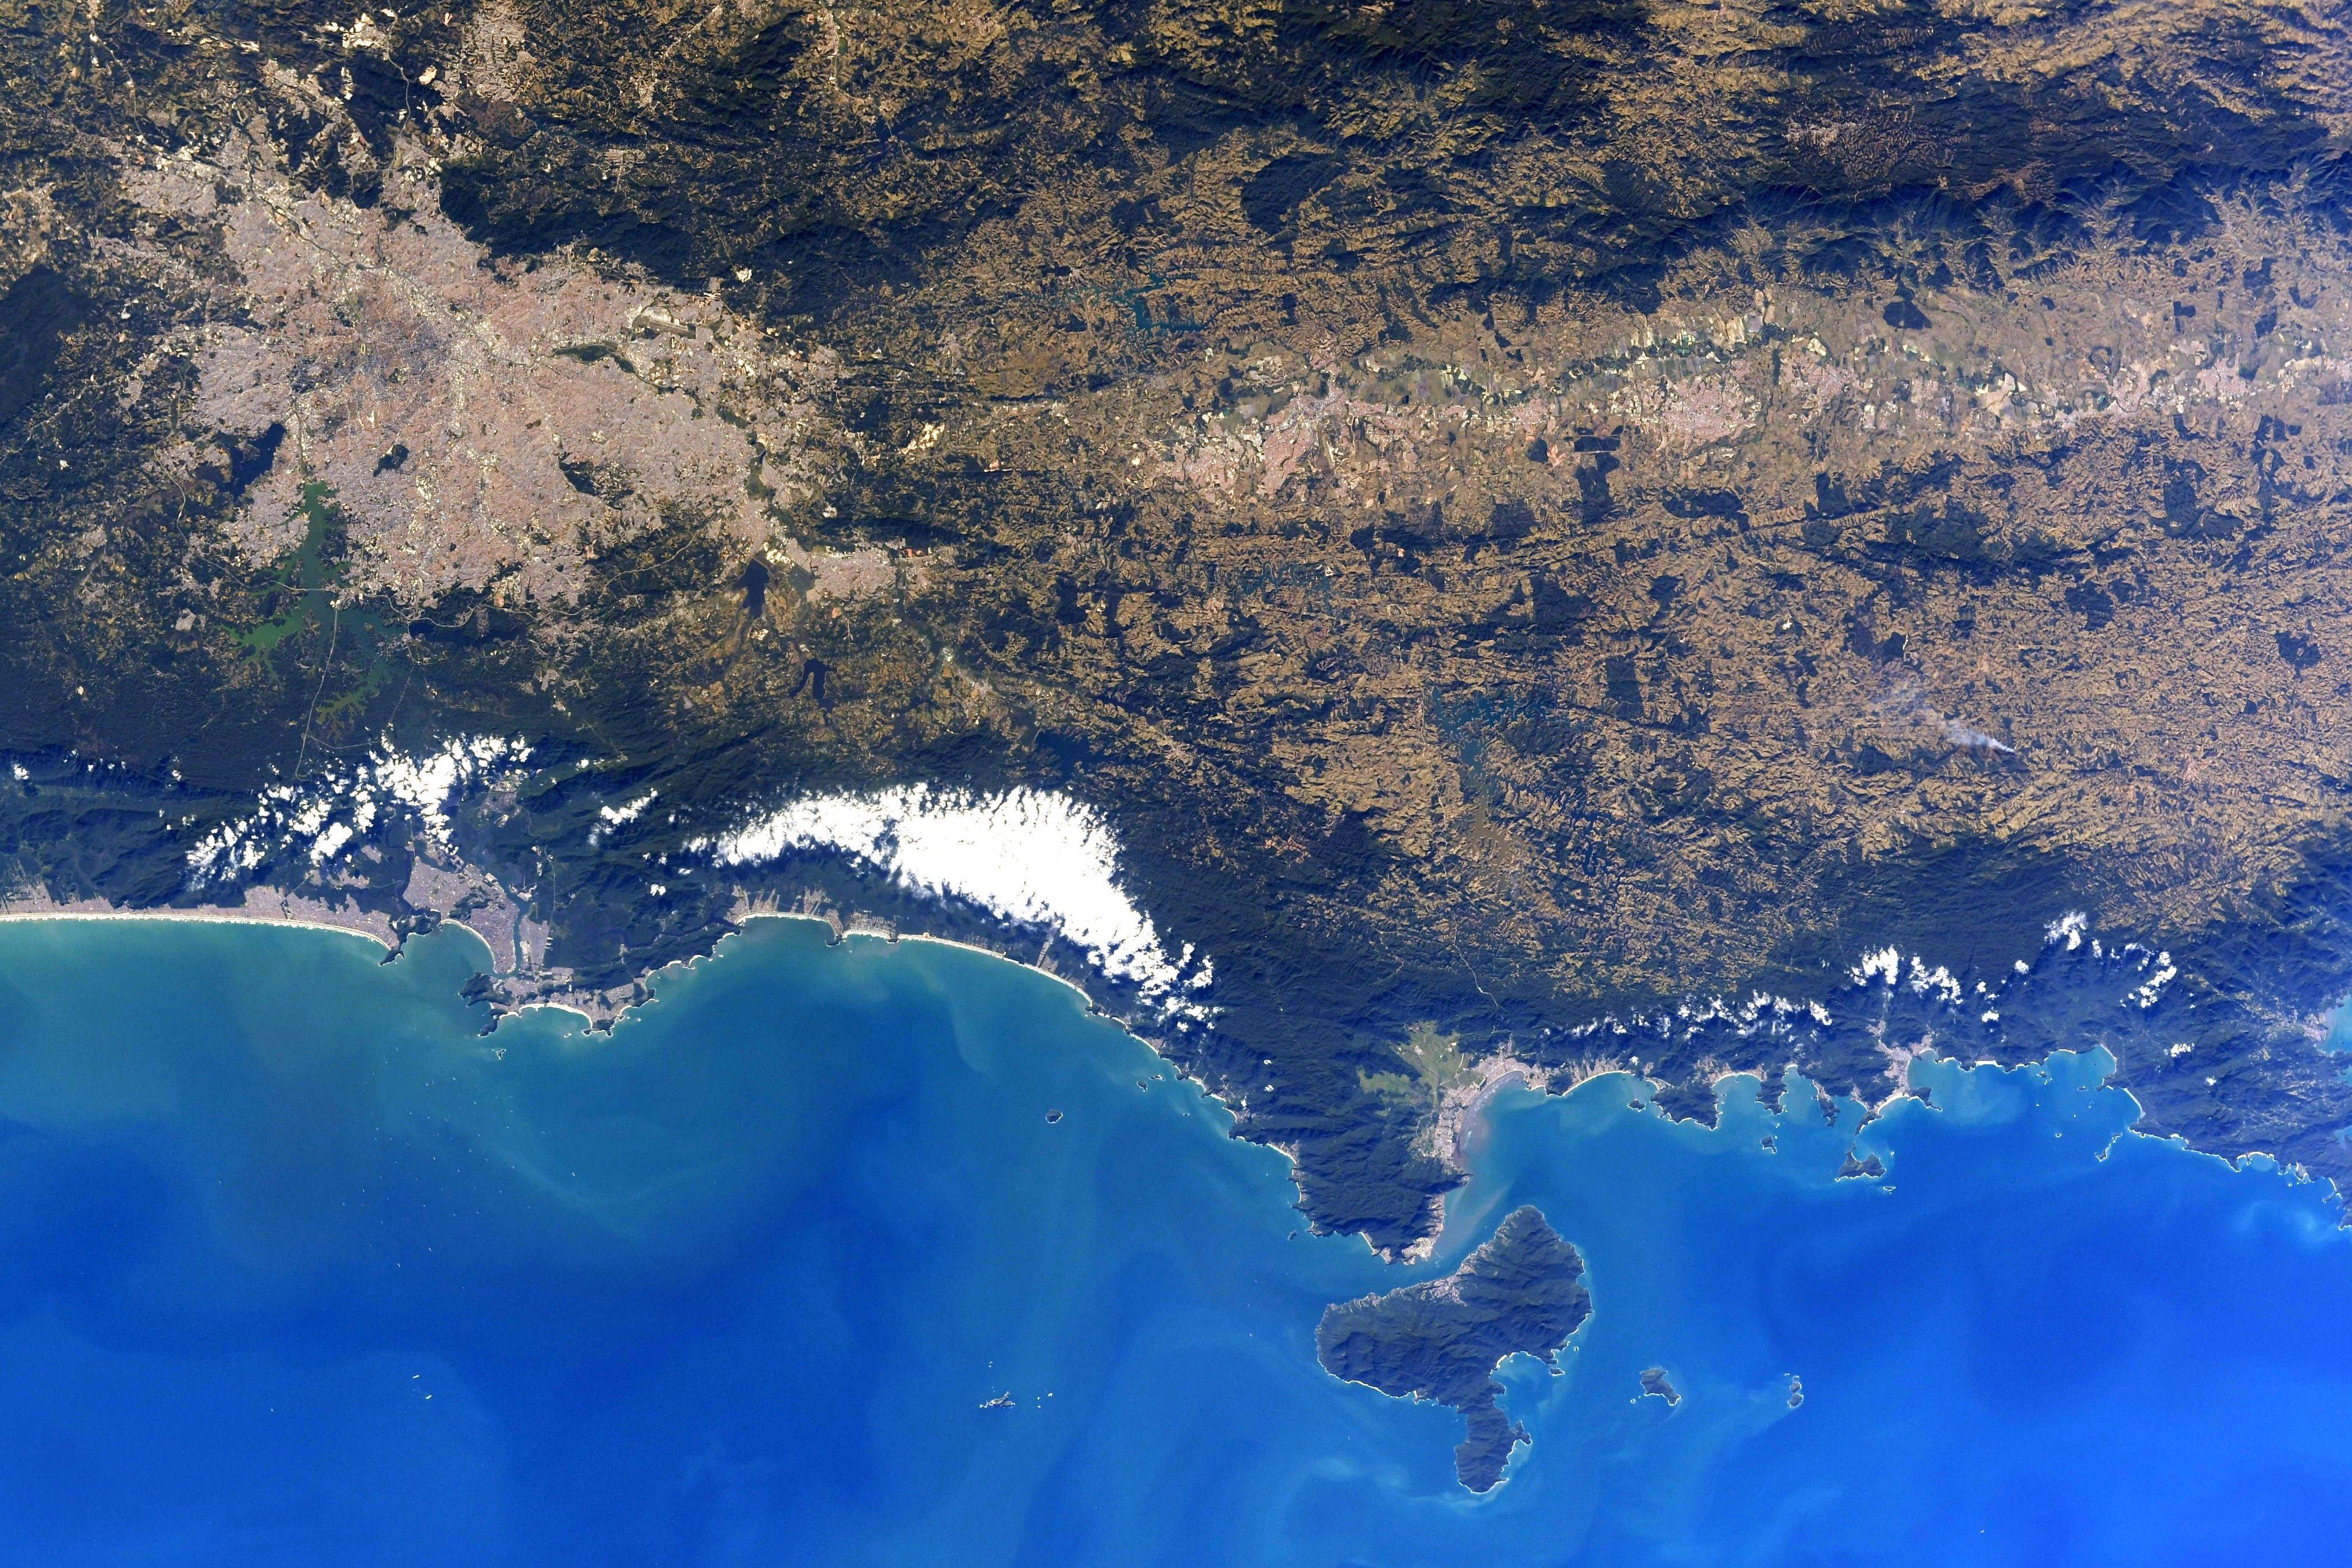 Foto tirada por astronauta da Nasa mostra litoral paulista visto do espaço